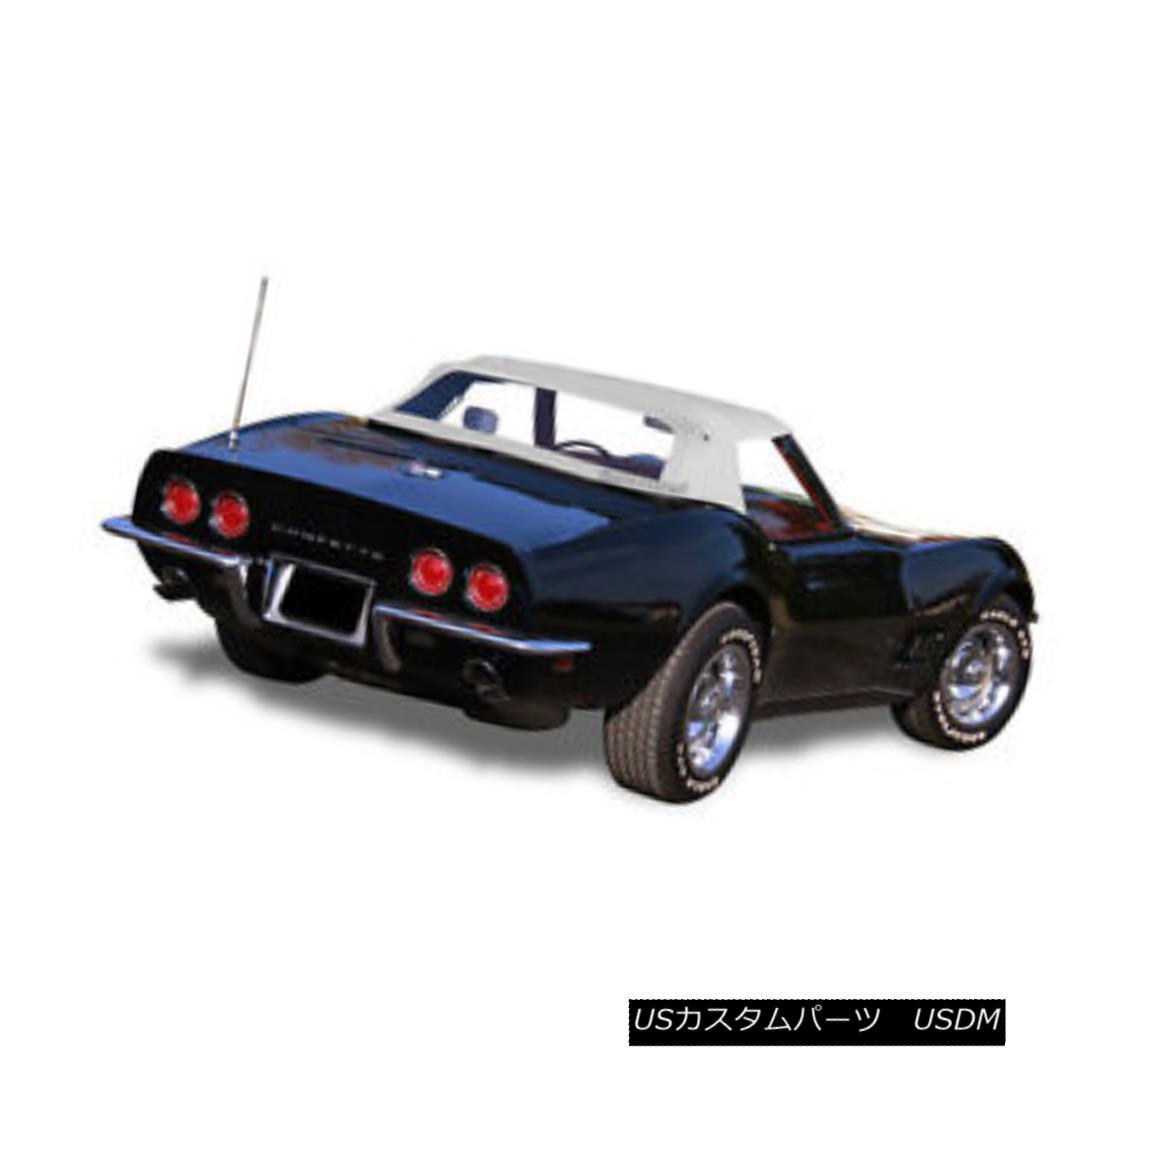 幌・ソフトトップ Chevrolet Corvette 1968-1975 Convertible Soft Top & Window White Pinpoint Vinyl シボレーコルベット1968-1975コンバーチブルソフトトップ& ウィンドウホワイトピンポイントビニール